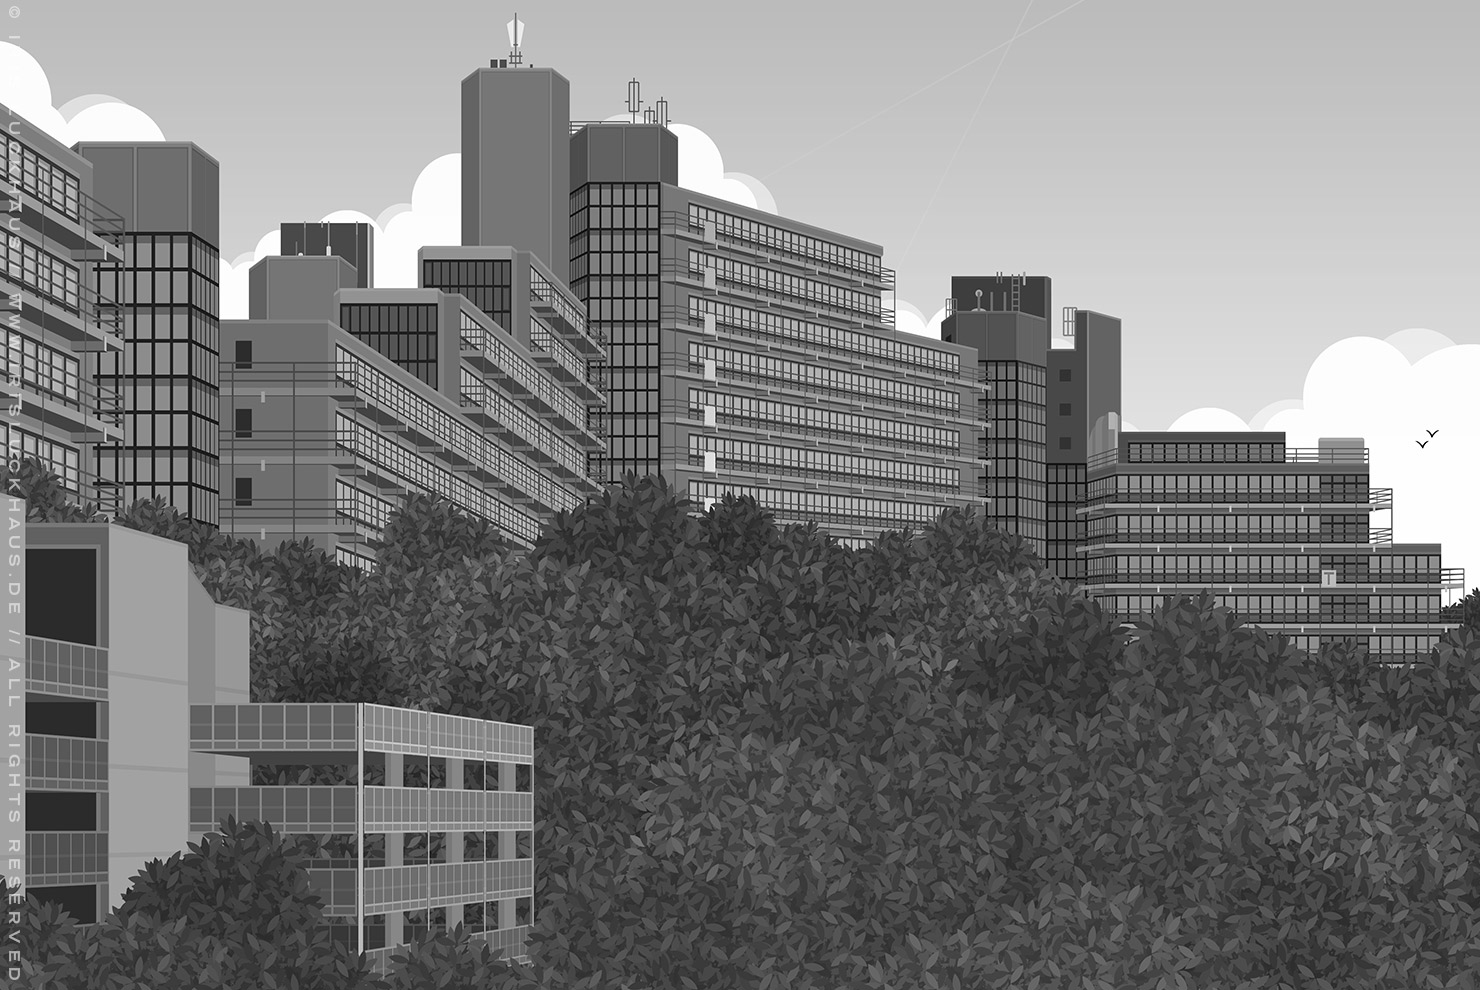 Perspektivische Schwarzweiß Zeichnung der Gebäude der Uni Wuppertal, BUGH, am Grifflenberg, für die MasterCard der Stadtsparkasse für die Mitarbeiter der Uni